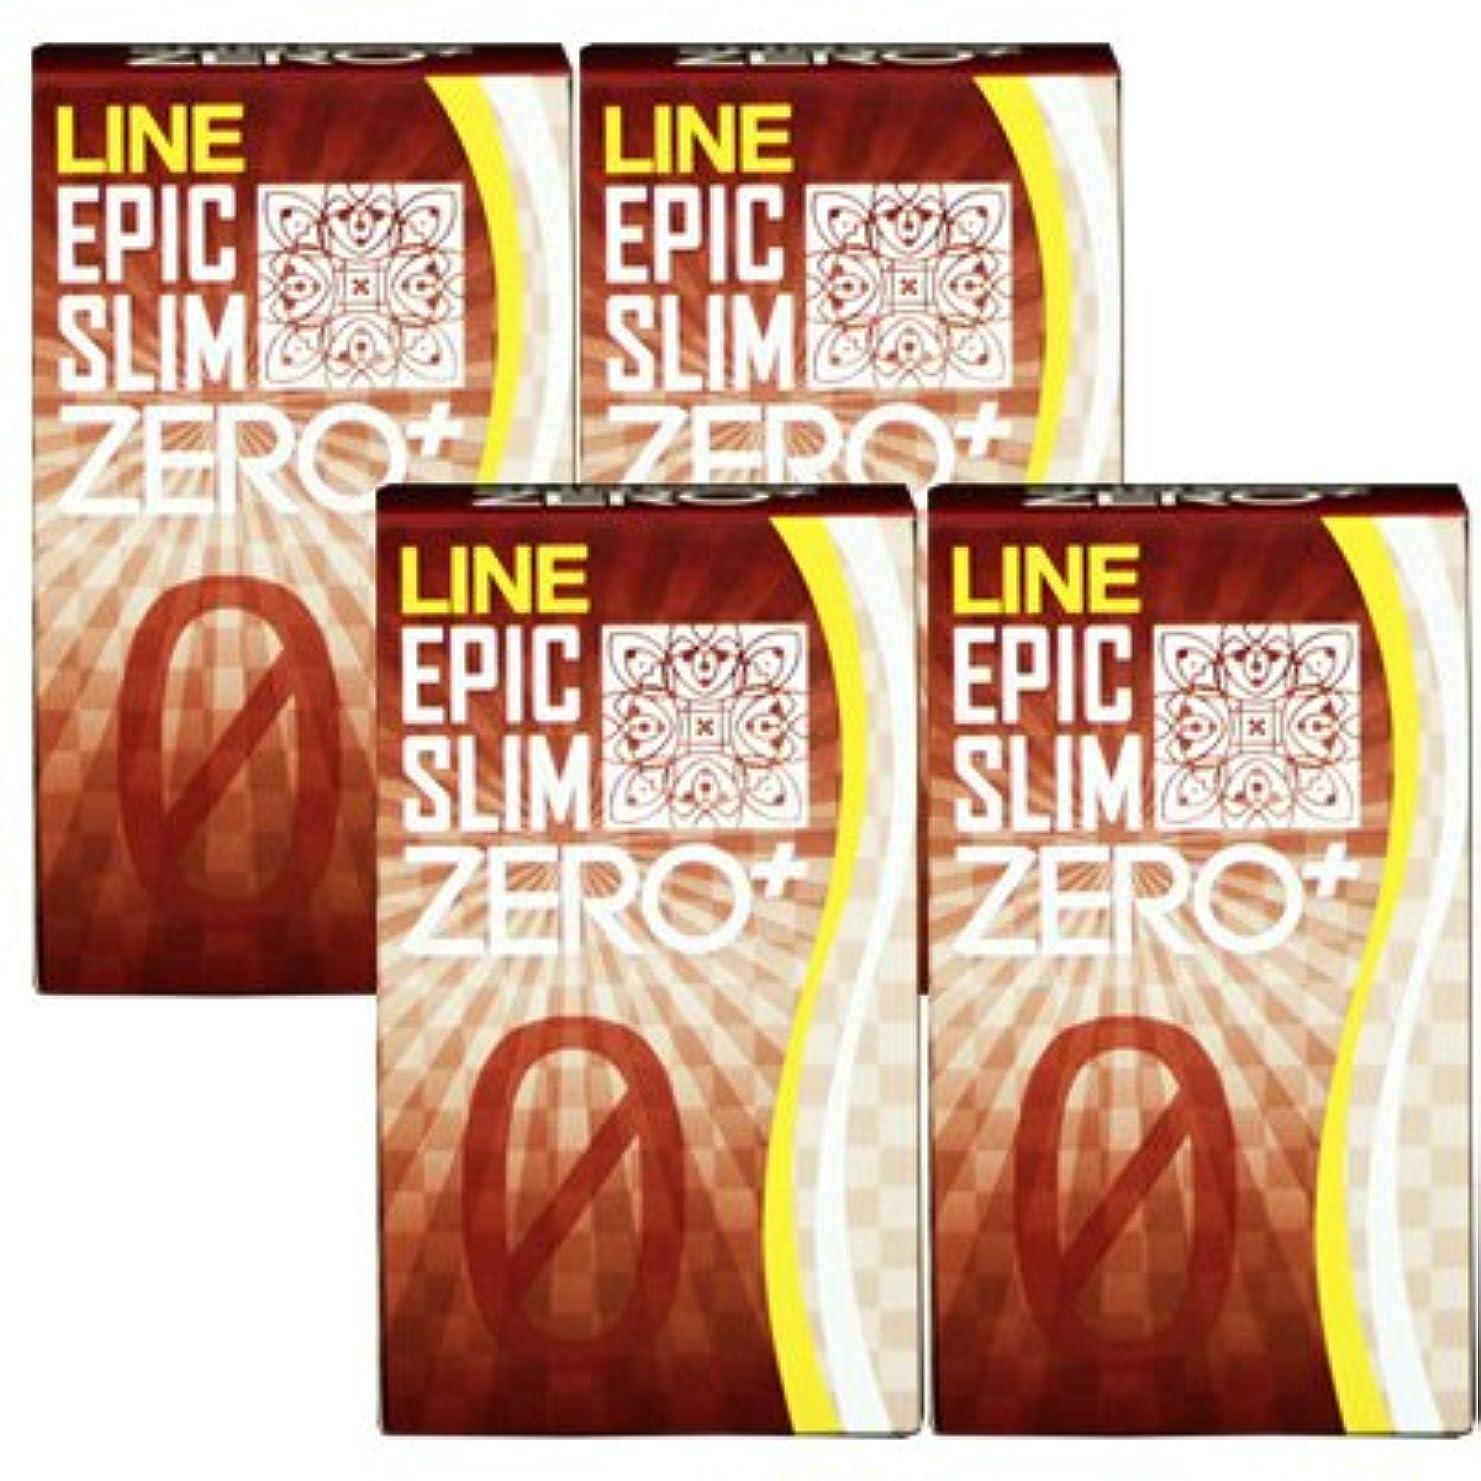 望ましいハブ同一のLINE エピックスリム ゼロ PLUS 4個セット Line Epic Slim ZERO PLUS ×4個